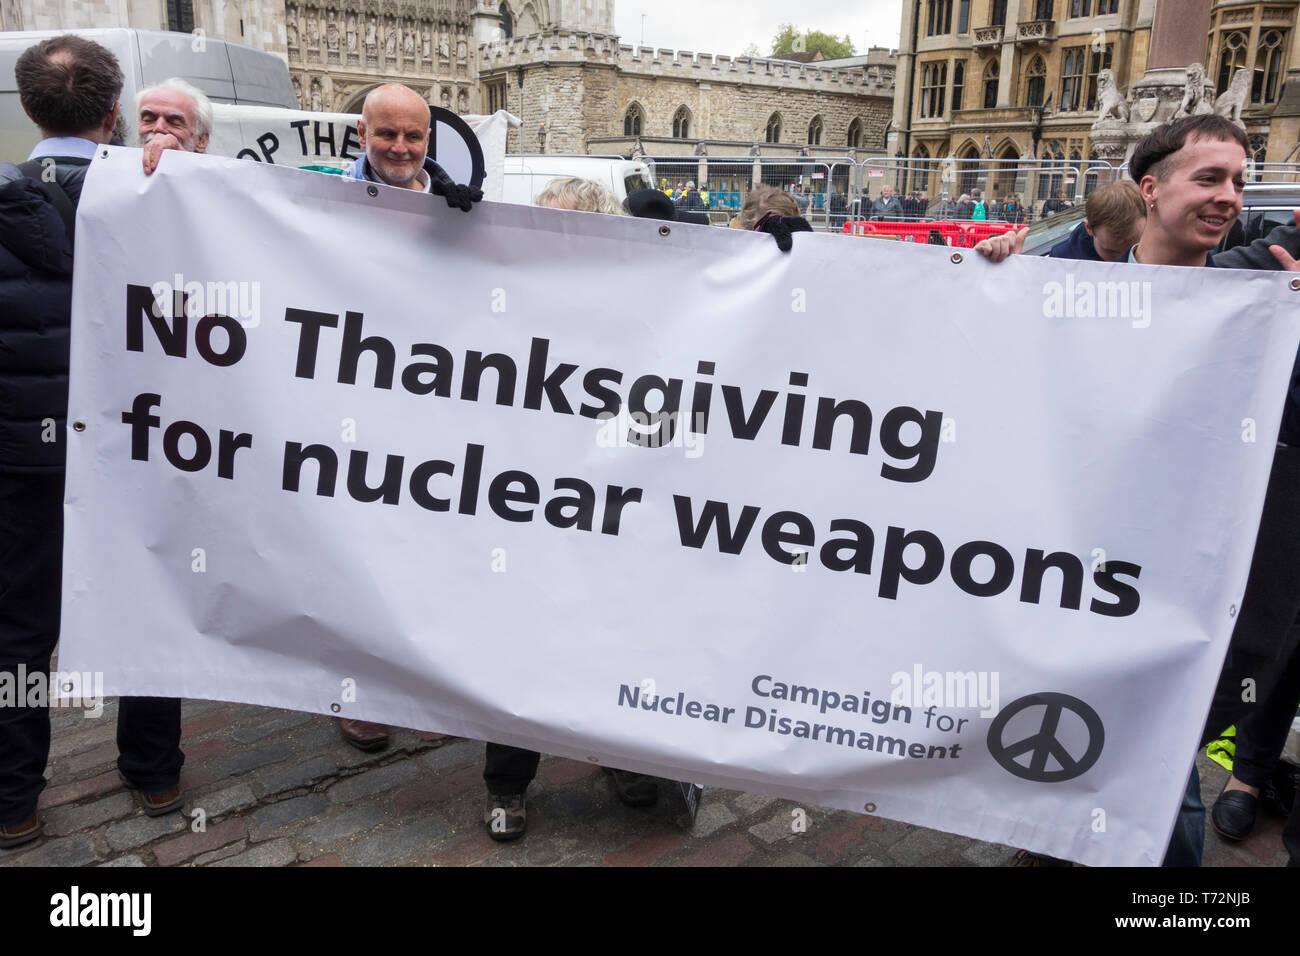 CND protester contre Royal Navy Service National d'action de grâce pour marquer 50 années de service continu en mer de dissuasion dans l'abbaye de Westminster. Photo Stock